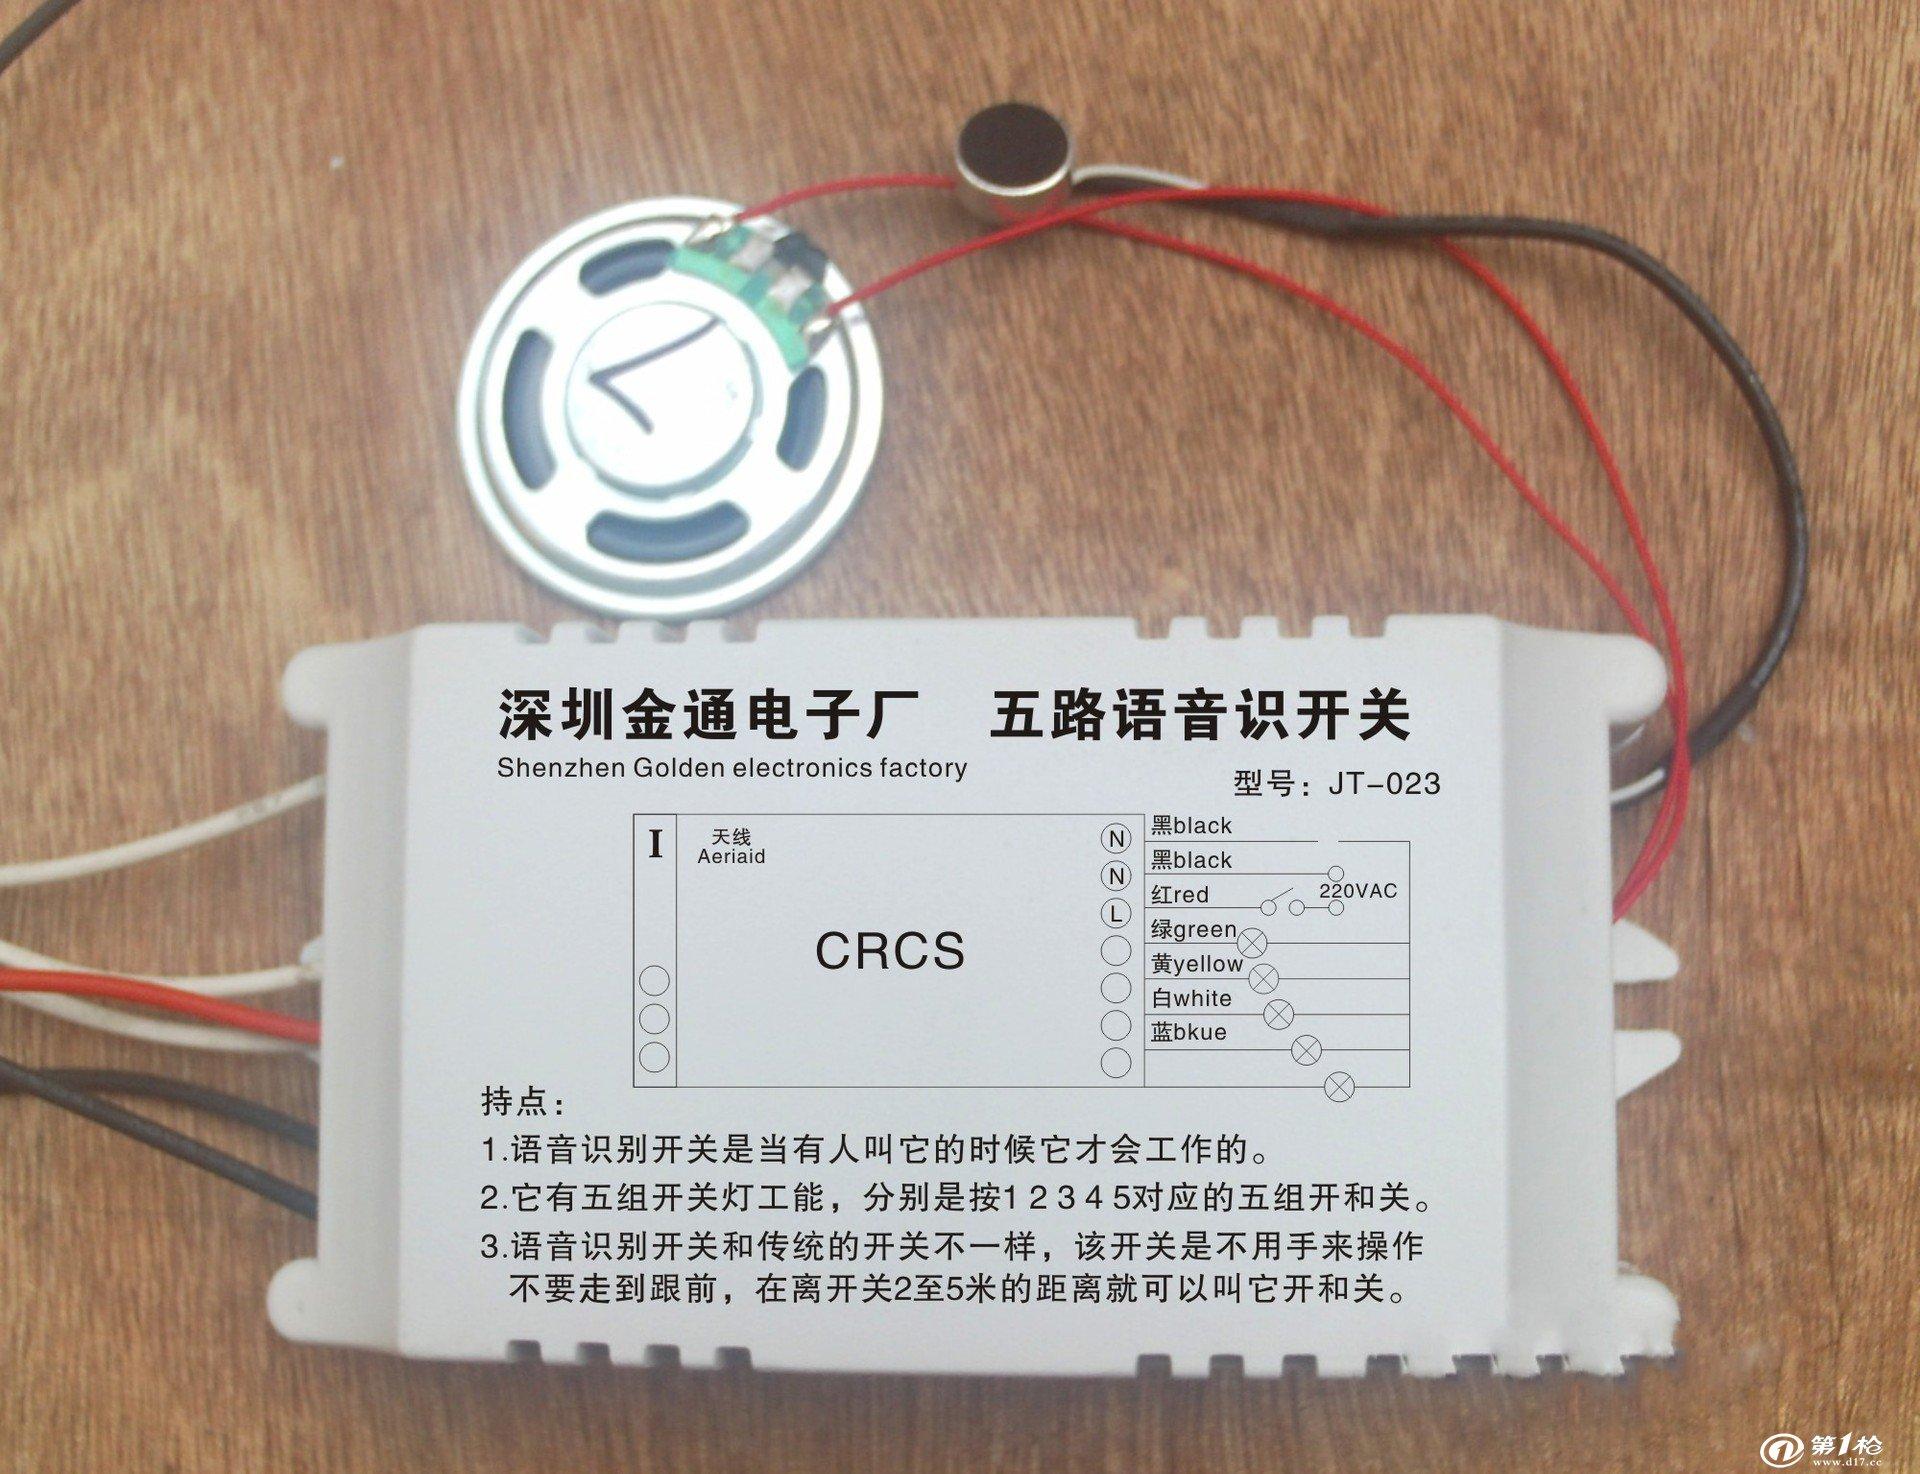 本厂专为生产销售语音识别 遥控 声控 水晶吊灯专用五